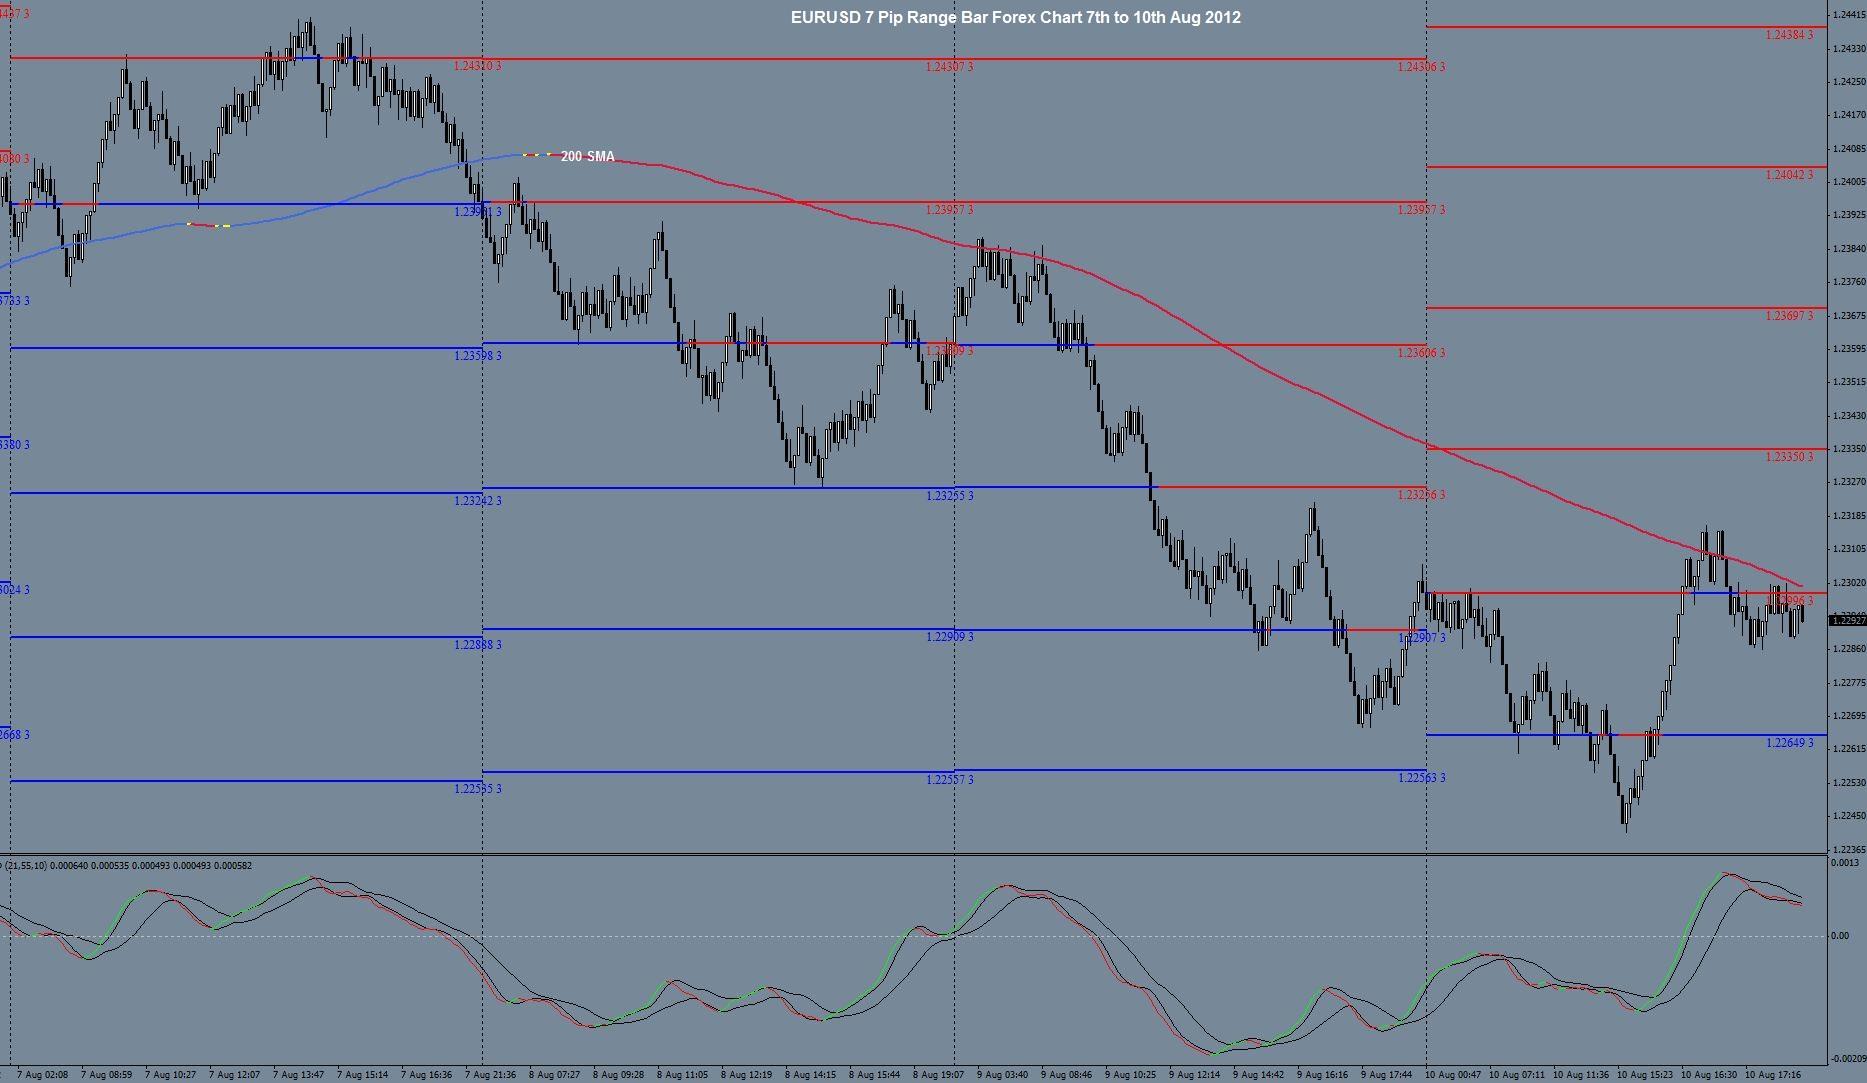 Forex bar chart handleiding